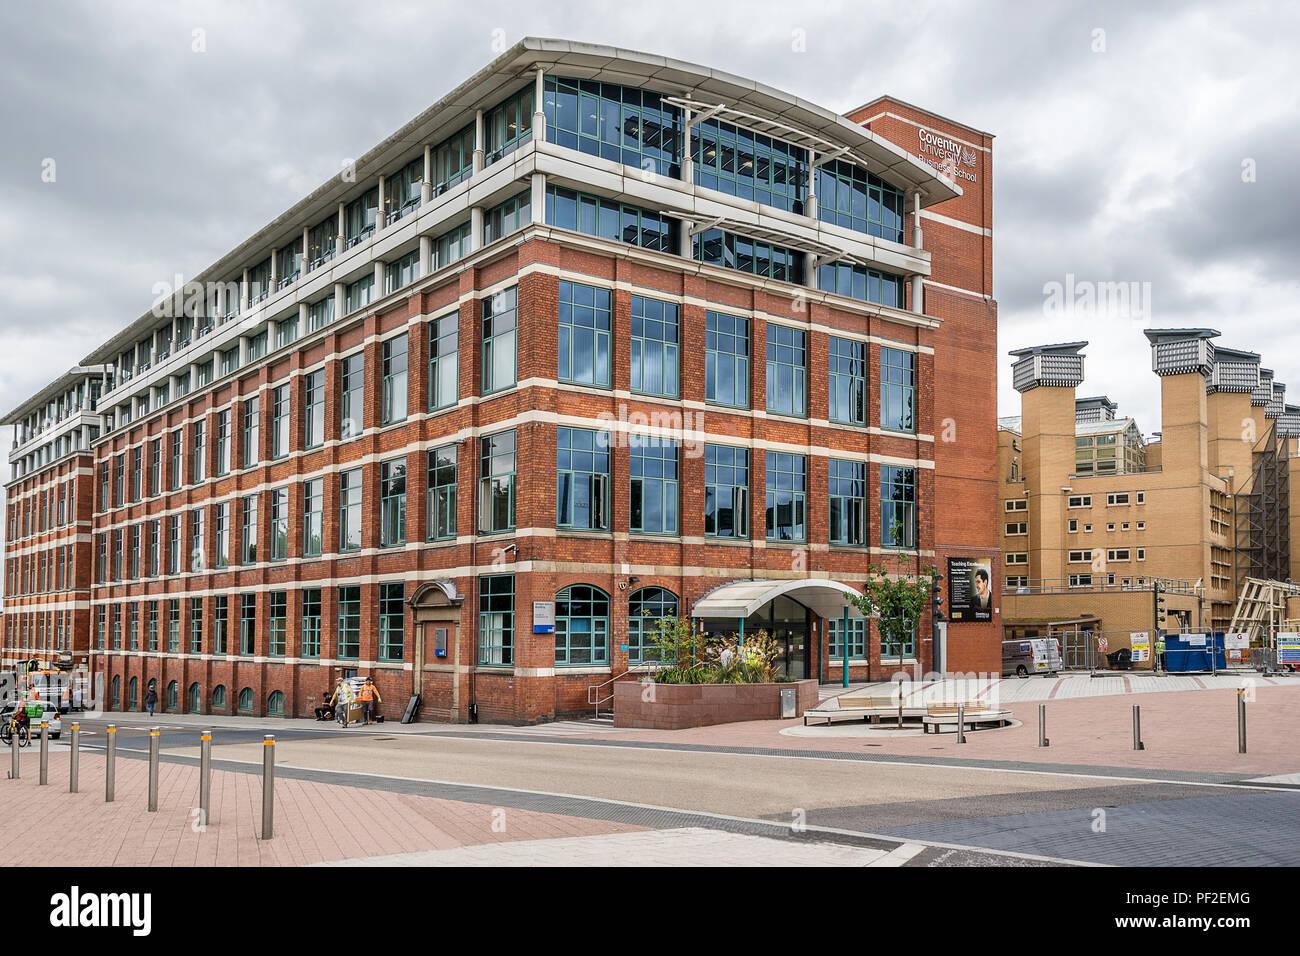 Facultad de Economía, Derecho y Empresariales de la Universidad de Coventry Imagen De Stock